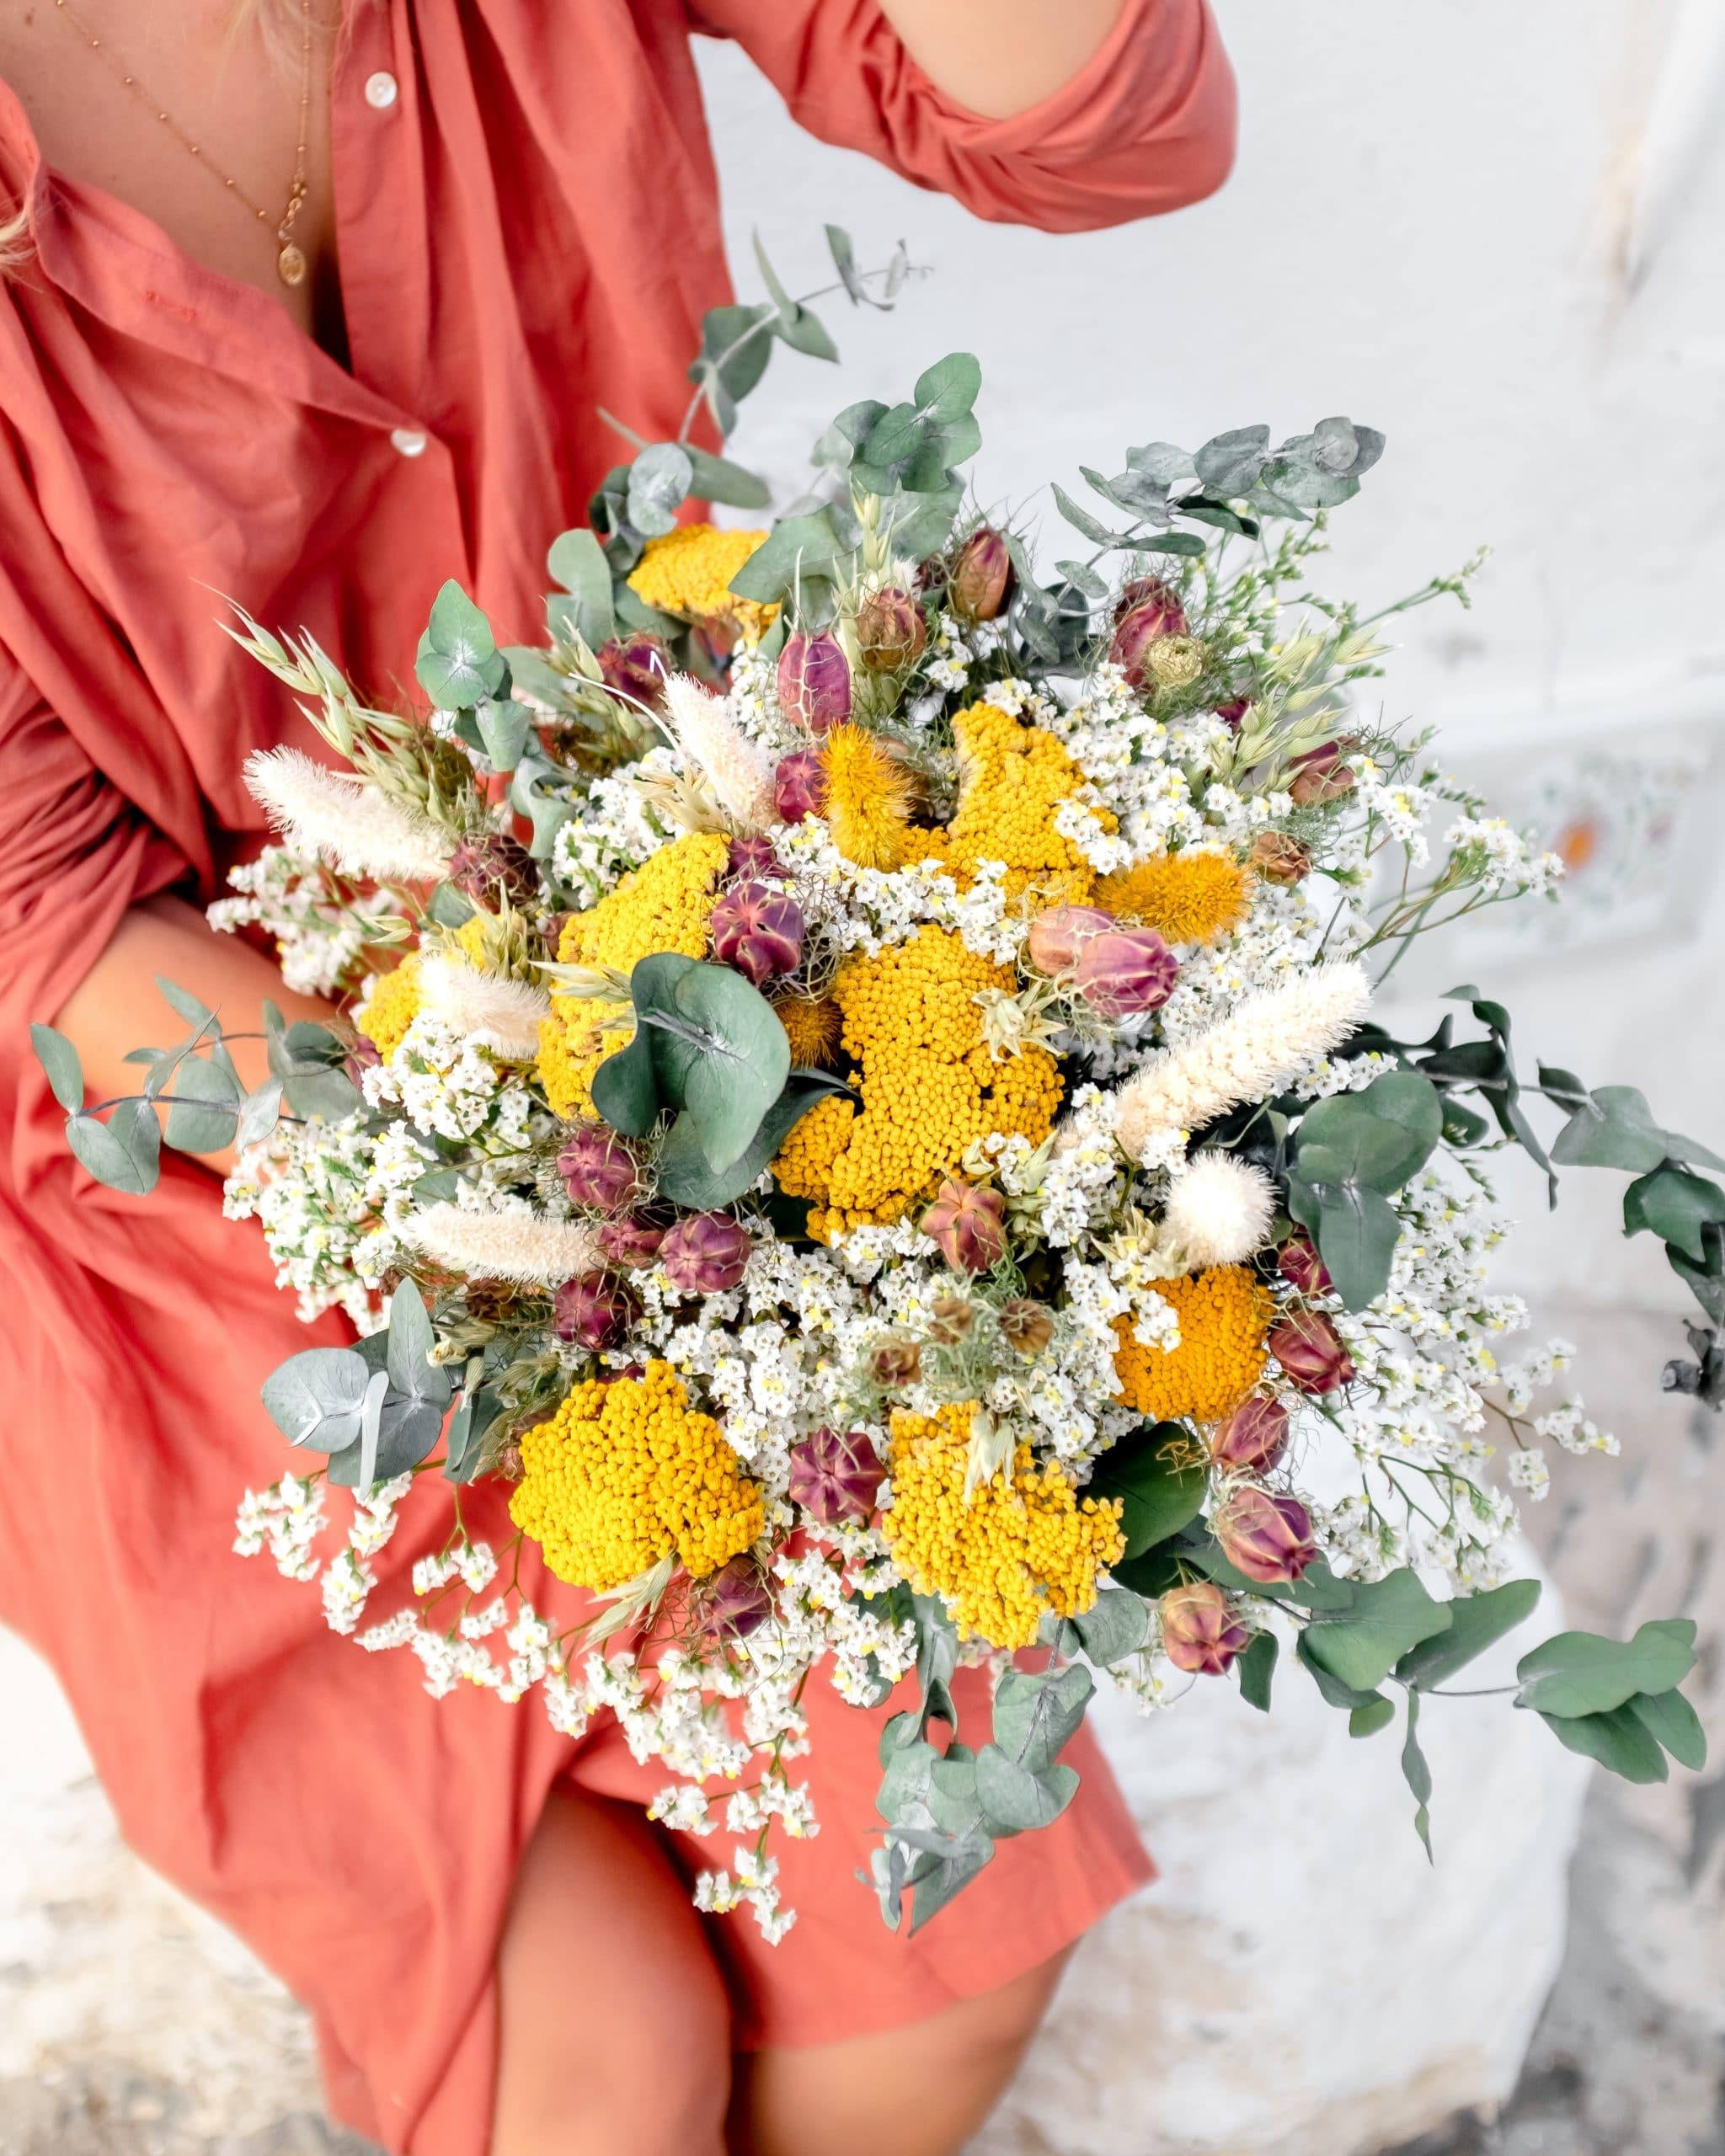 Bouquet de fleurs séchées Cala Monjoi